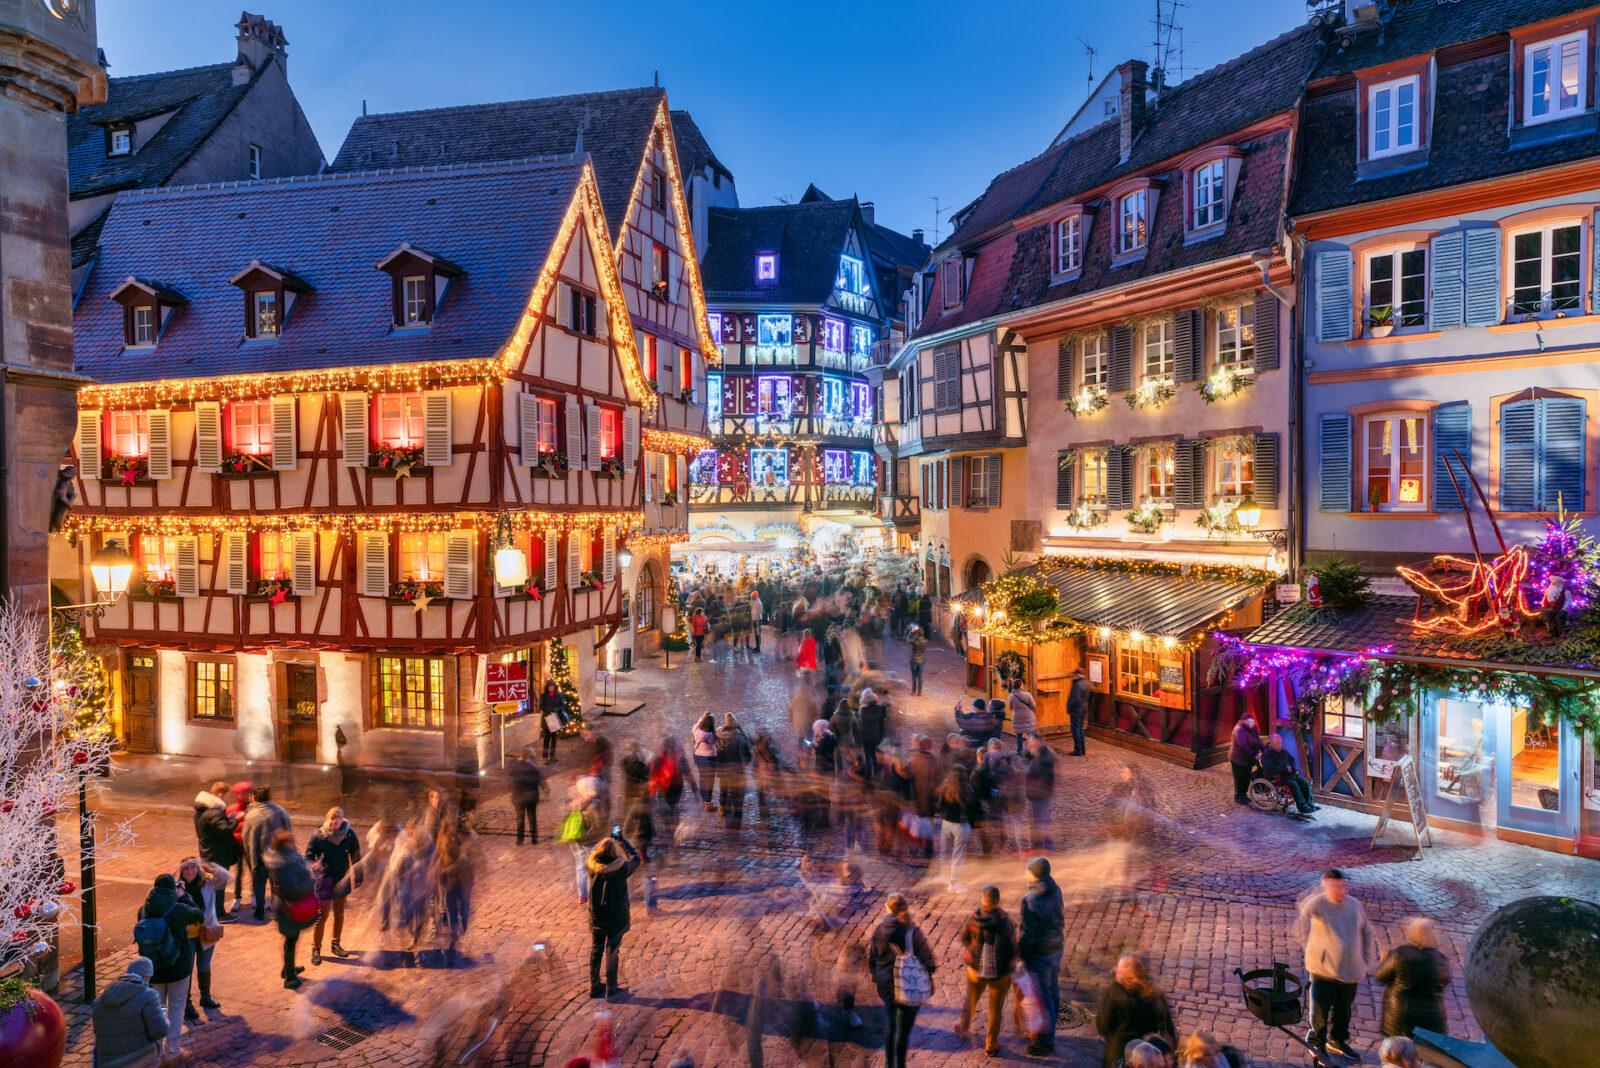 colmar,noël - Le Marché de Noël à Colmar : un séjour magique et inoubliable - 2021 - 1